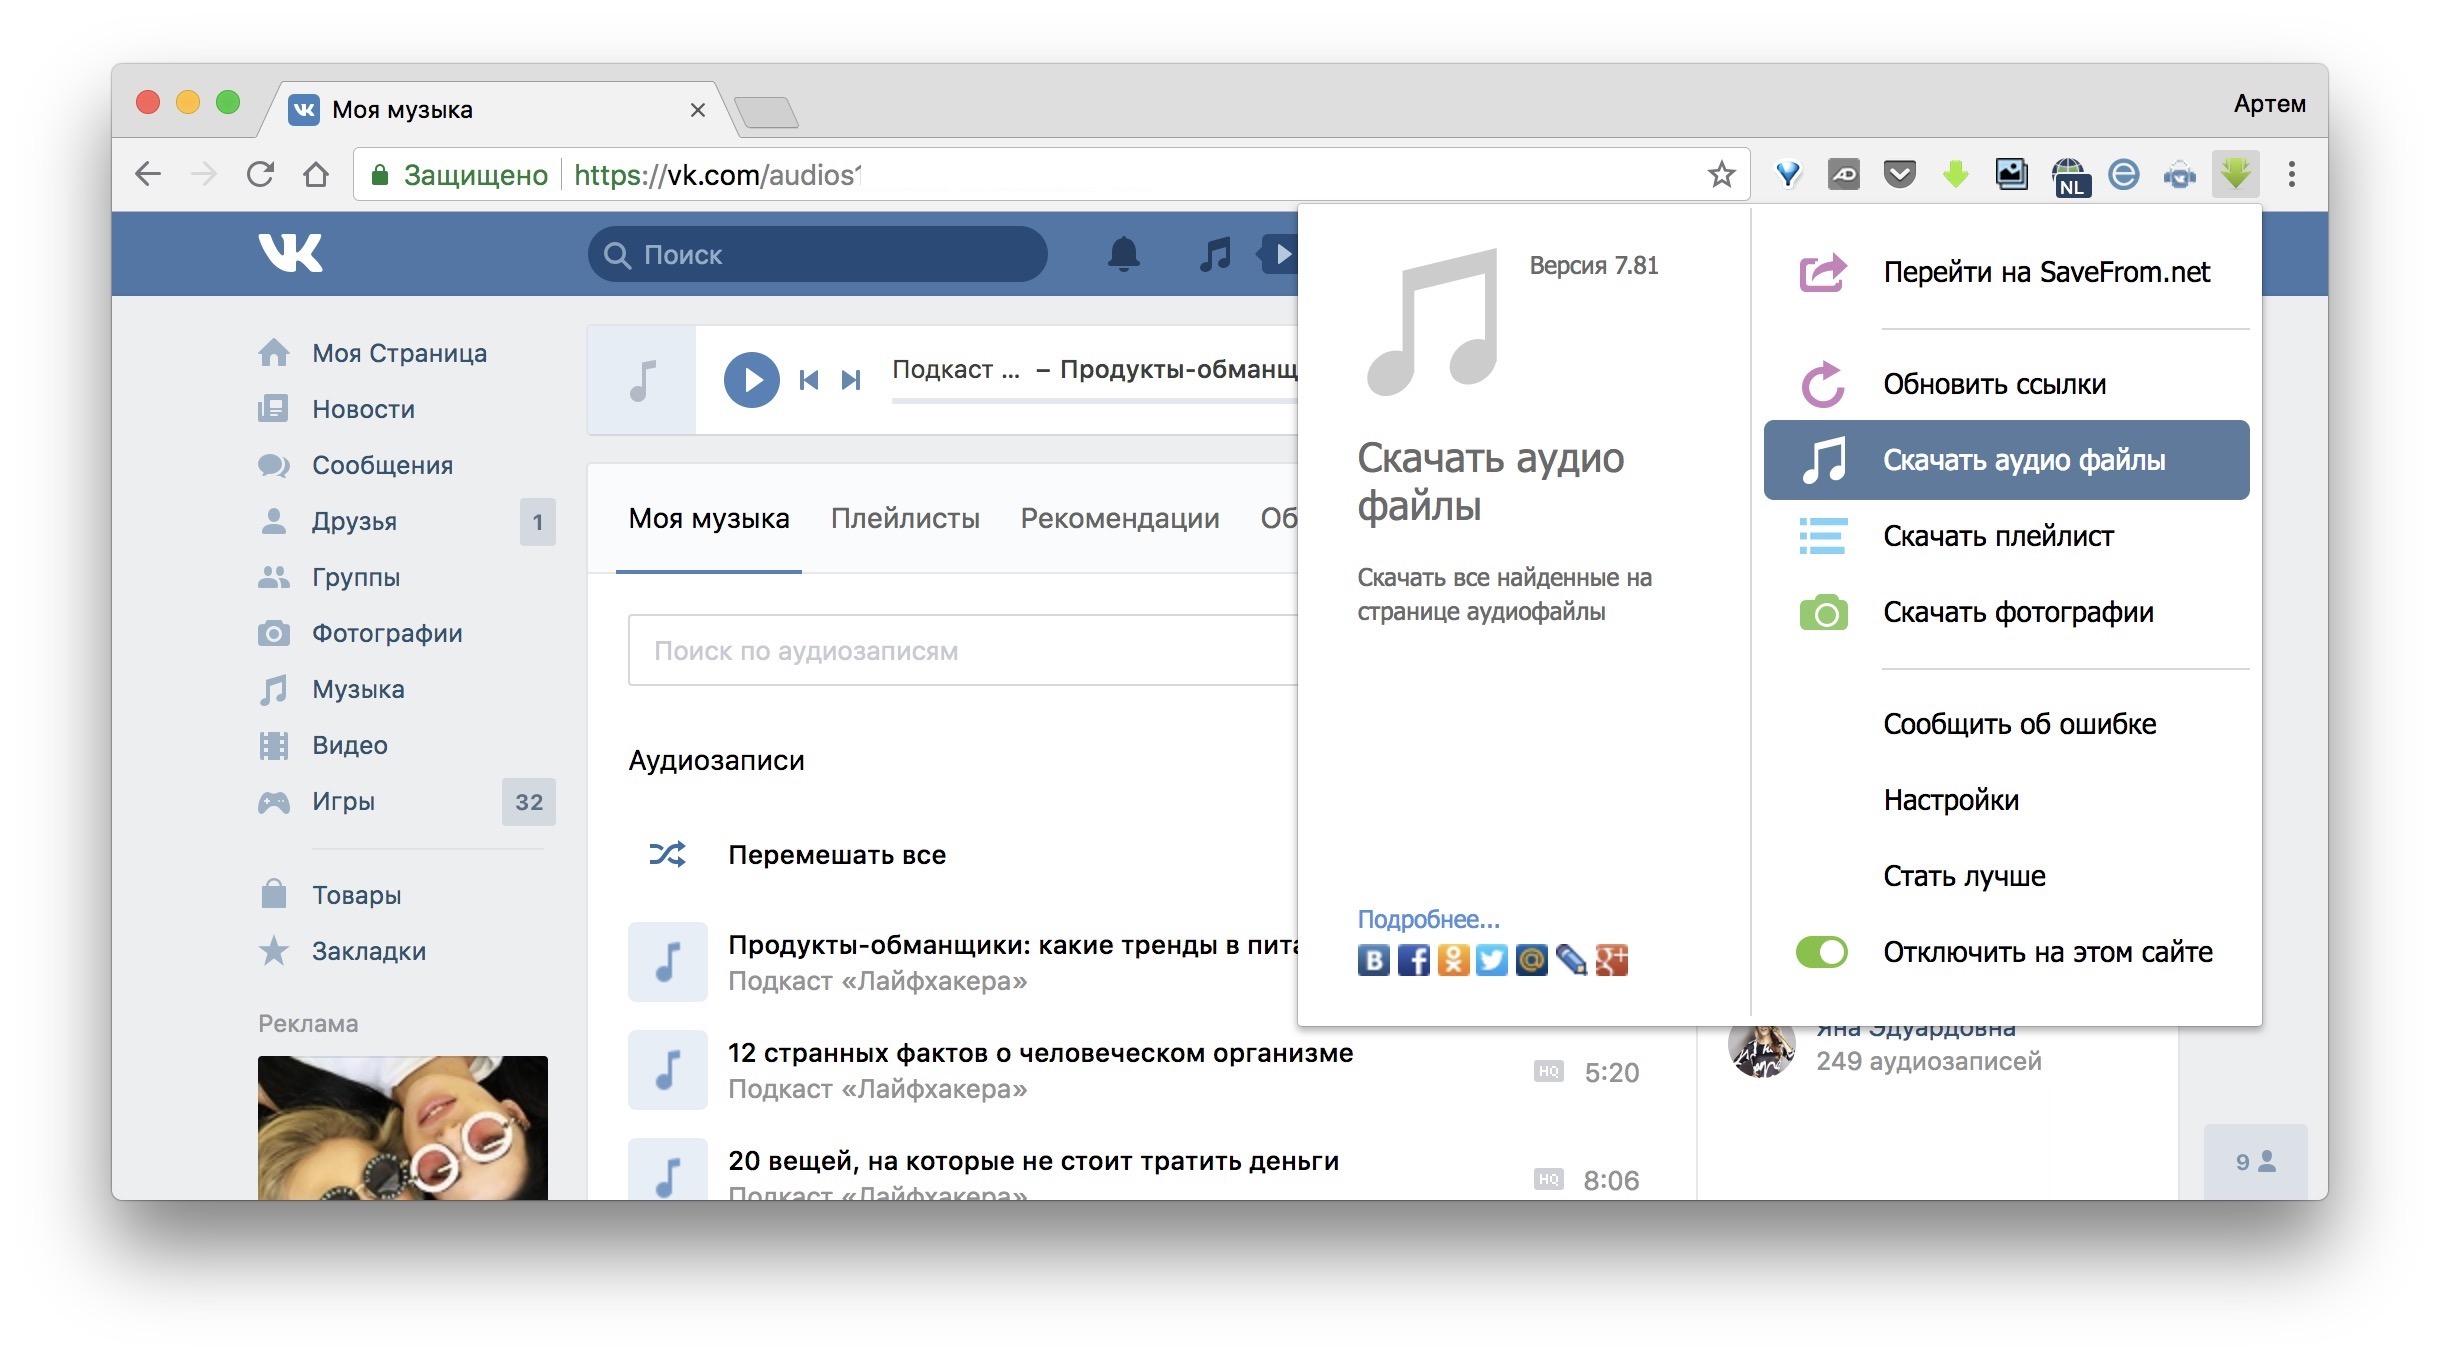 Скачать программу vk музыку бесплатно ключ к программе финэканализ скачать